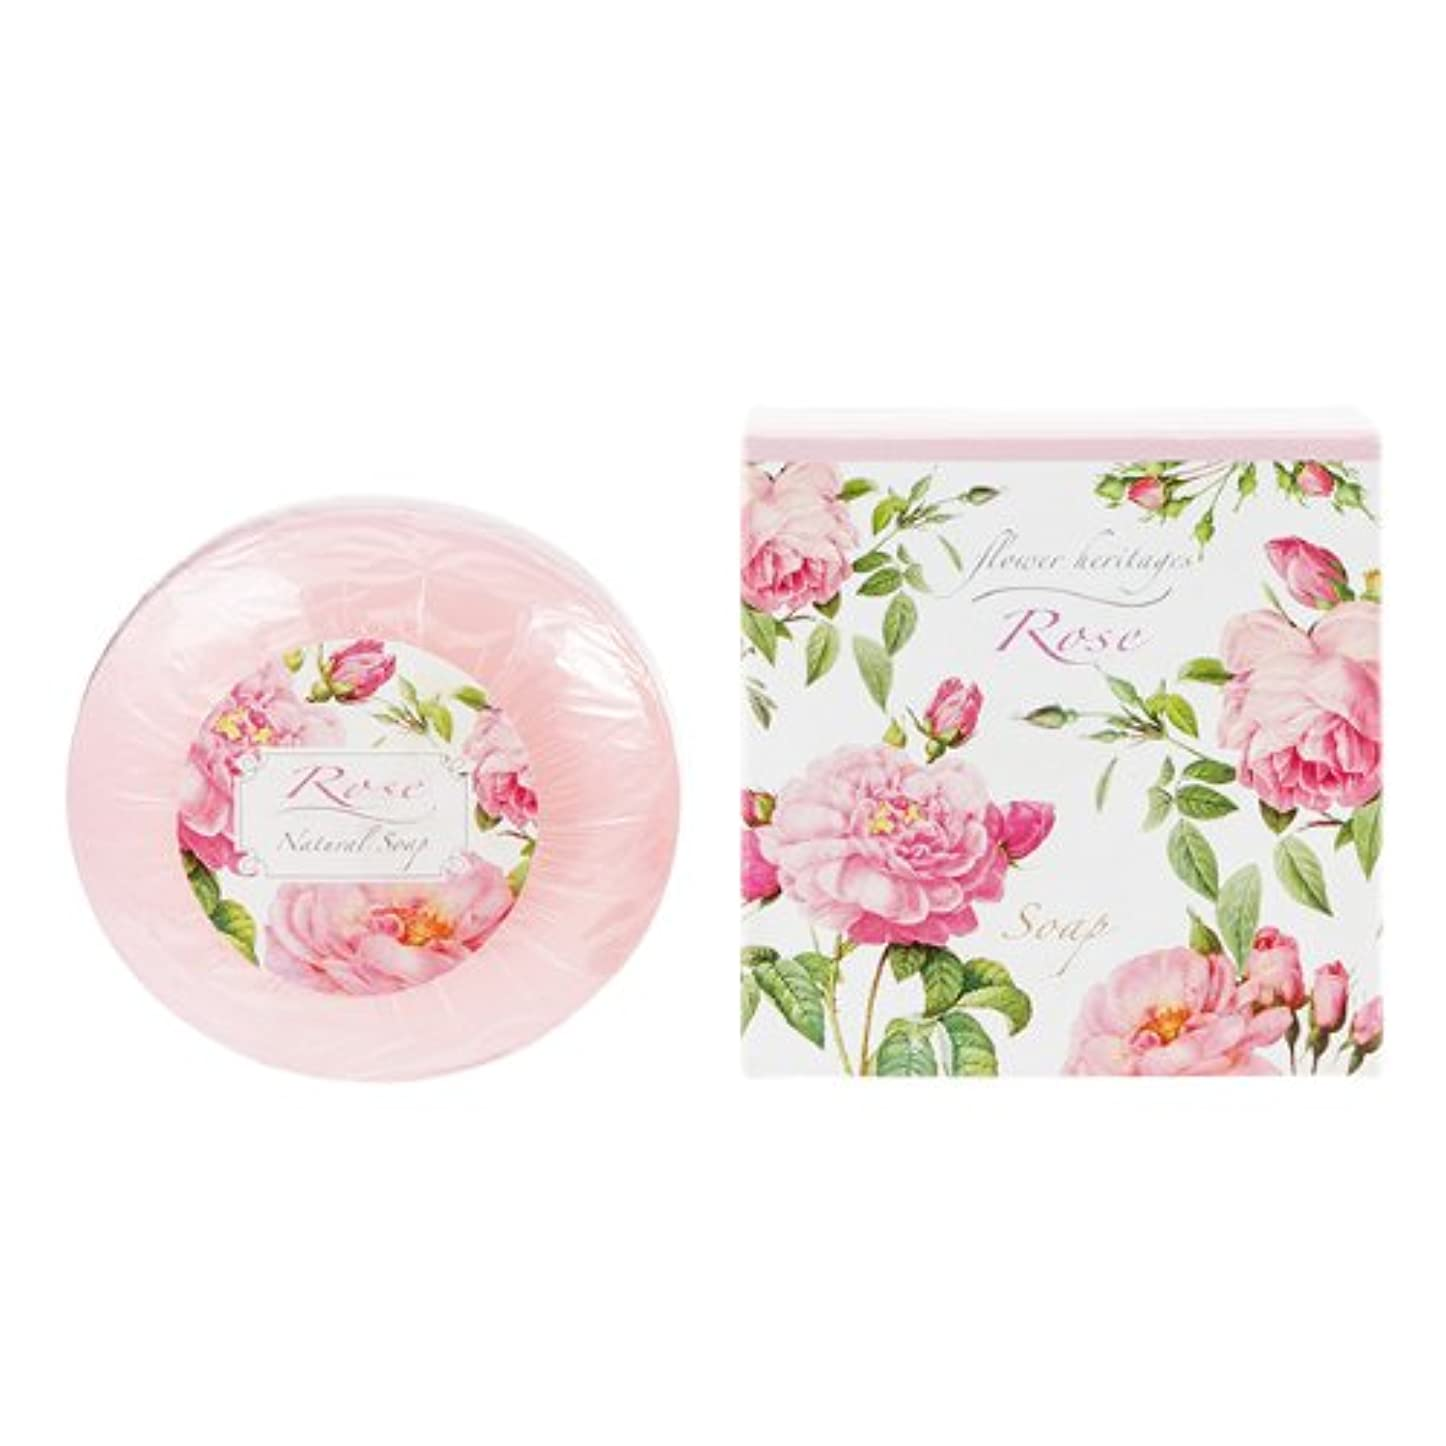 混合セクタコウモリネイチャータッチ (Nature Touch) Flower Heritage ソープ120g/ローズ